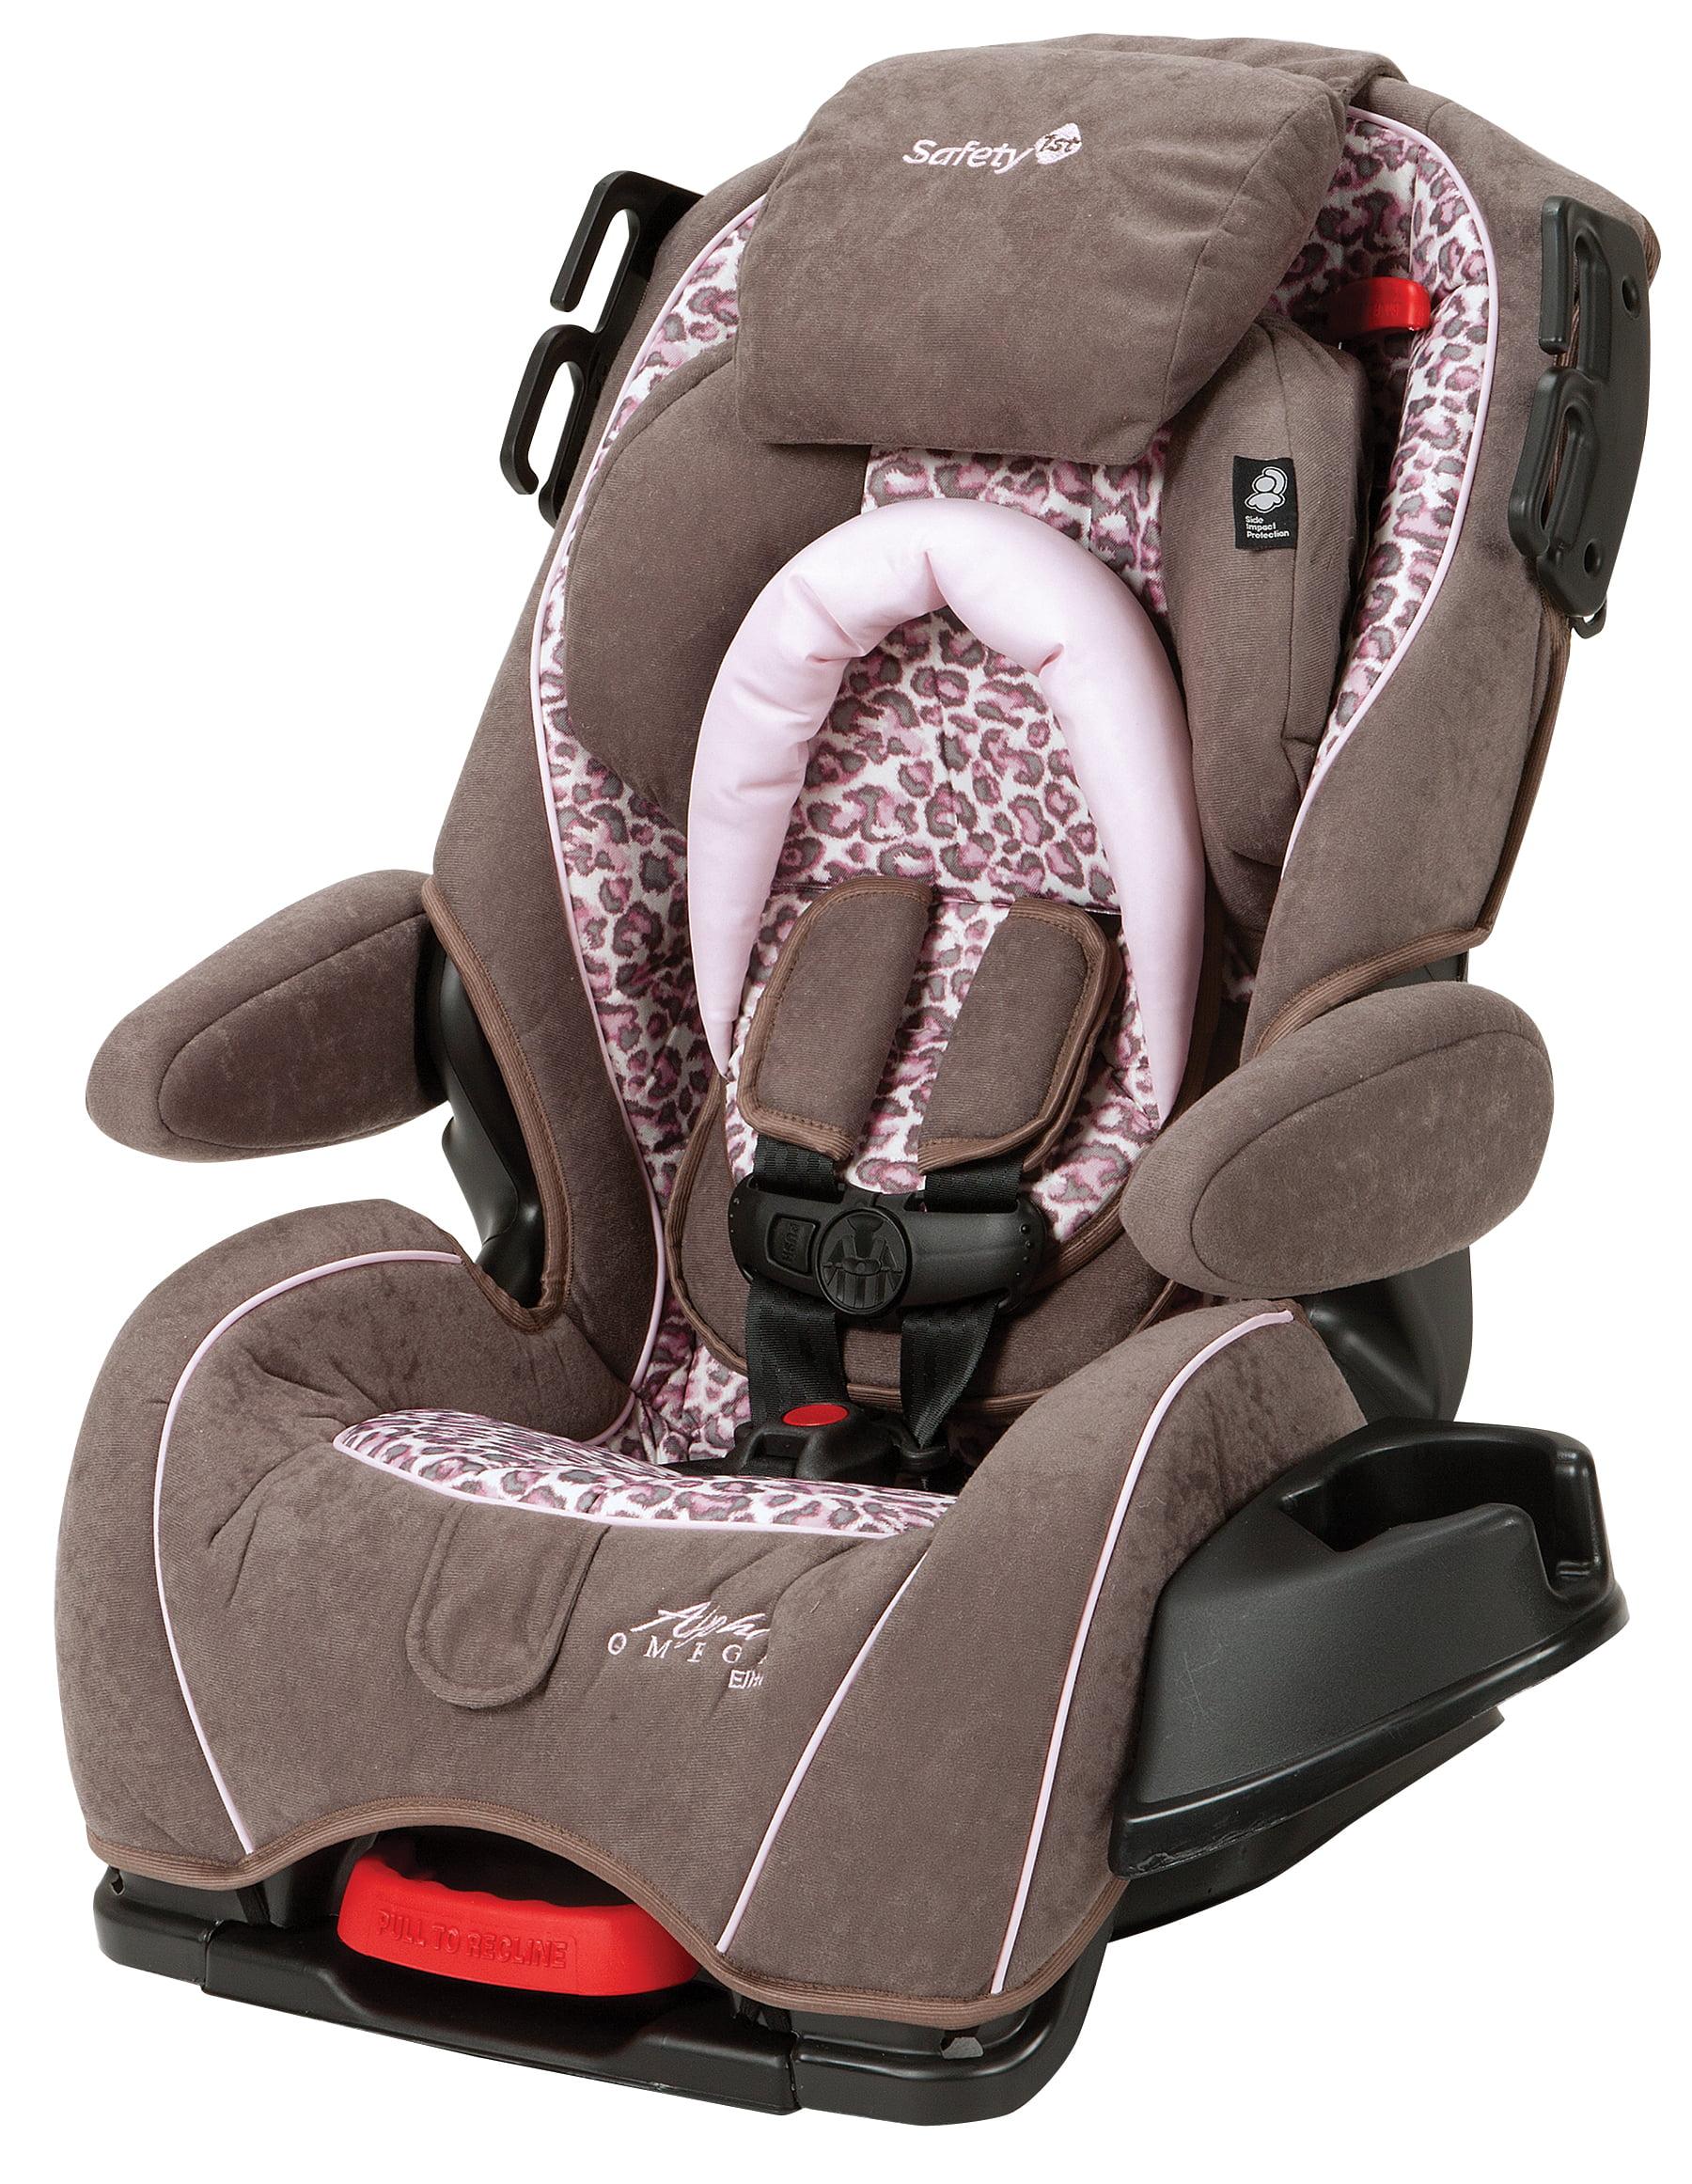 safety 1st alpha omega elite convertible car seat choose your pattern ebay. Black Bedroom Furniture Sets. Home Design Ideas